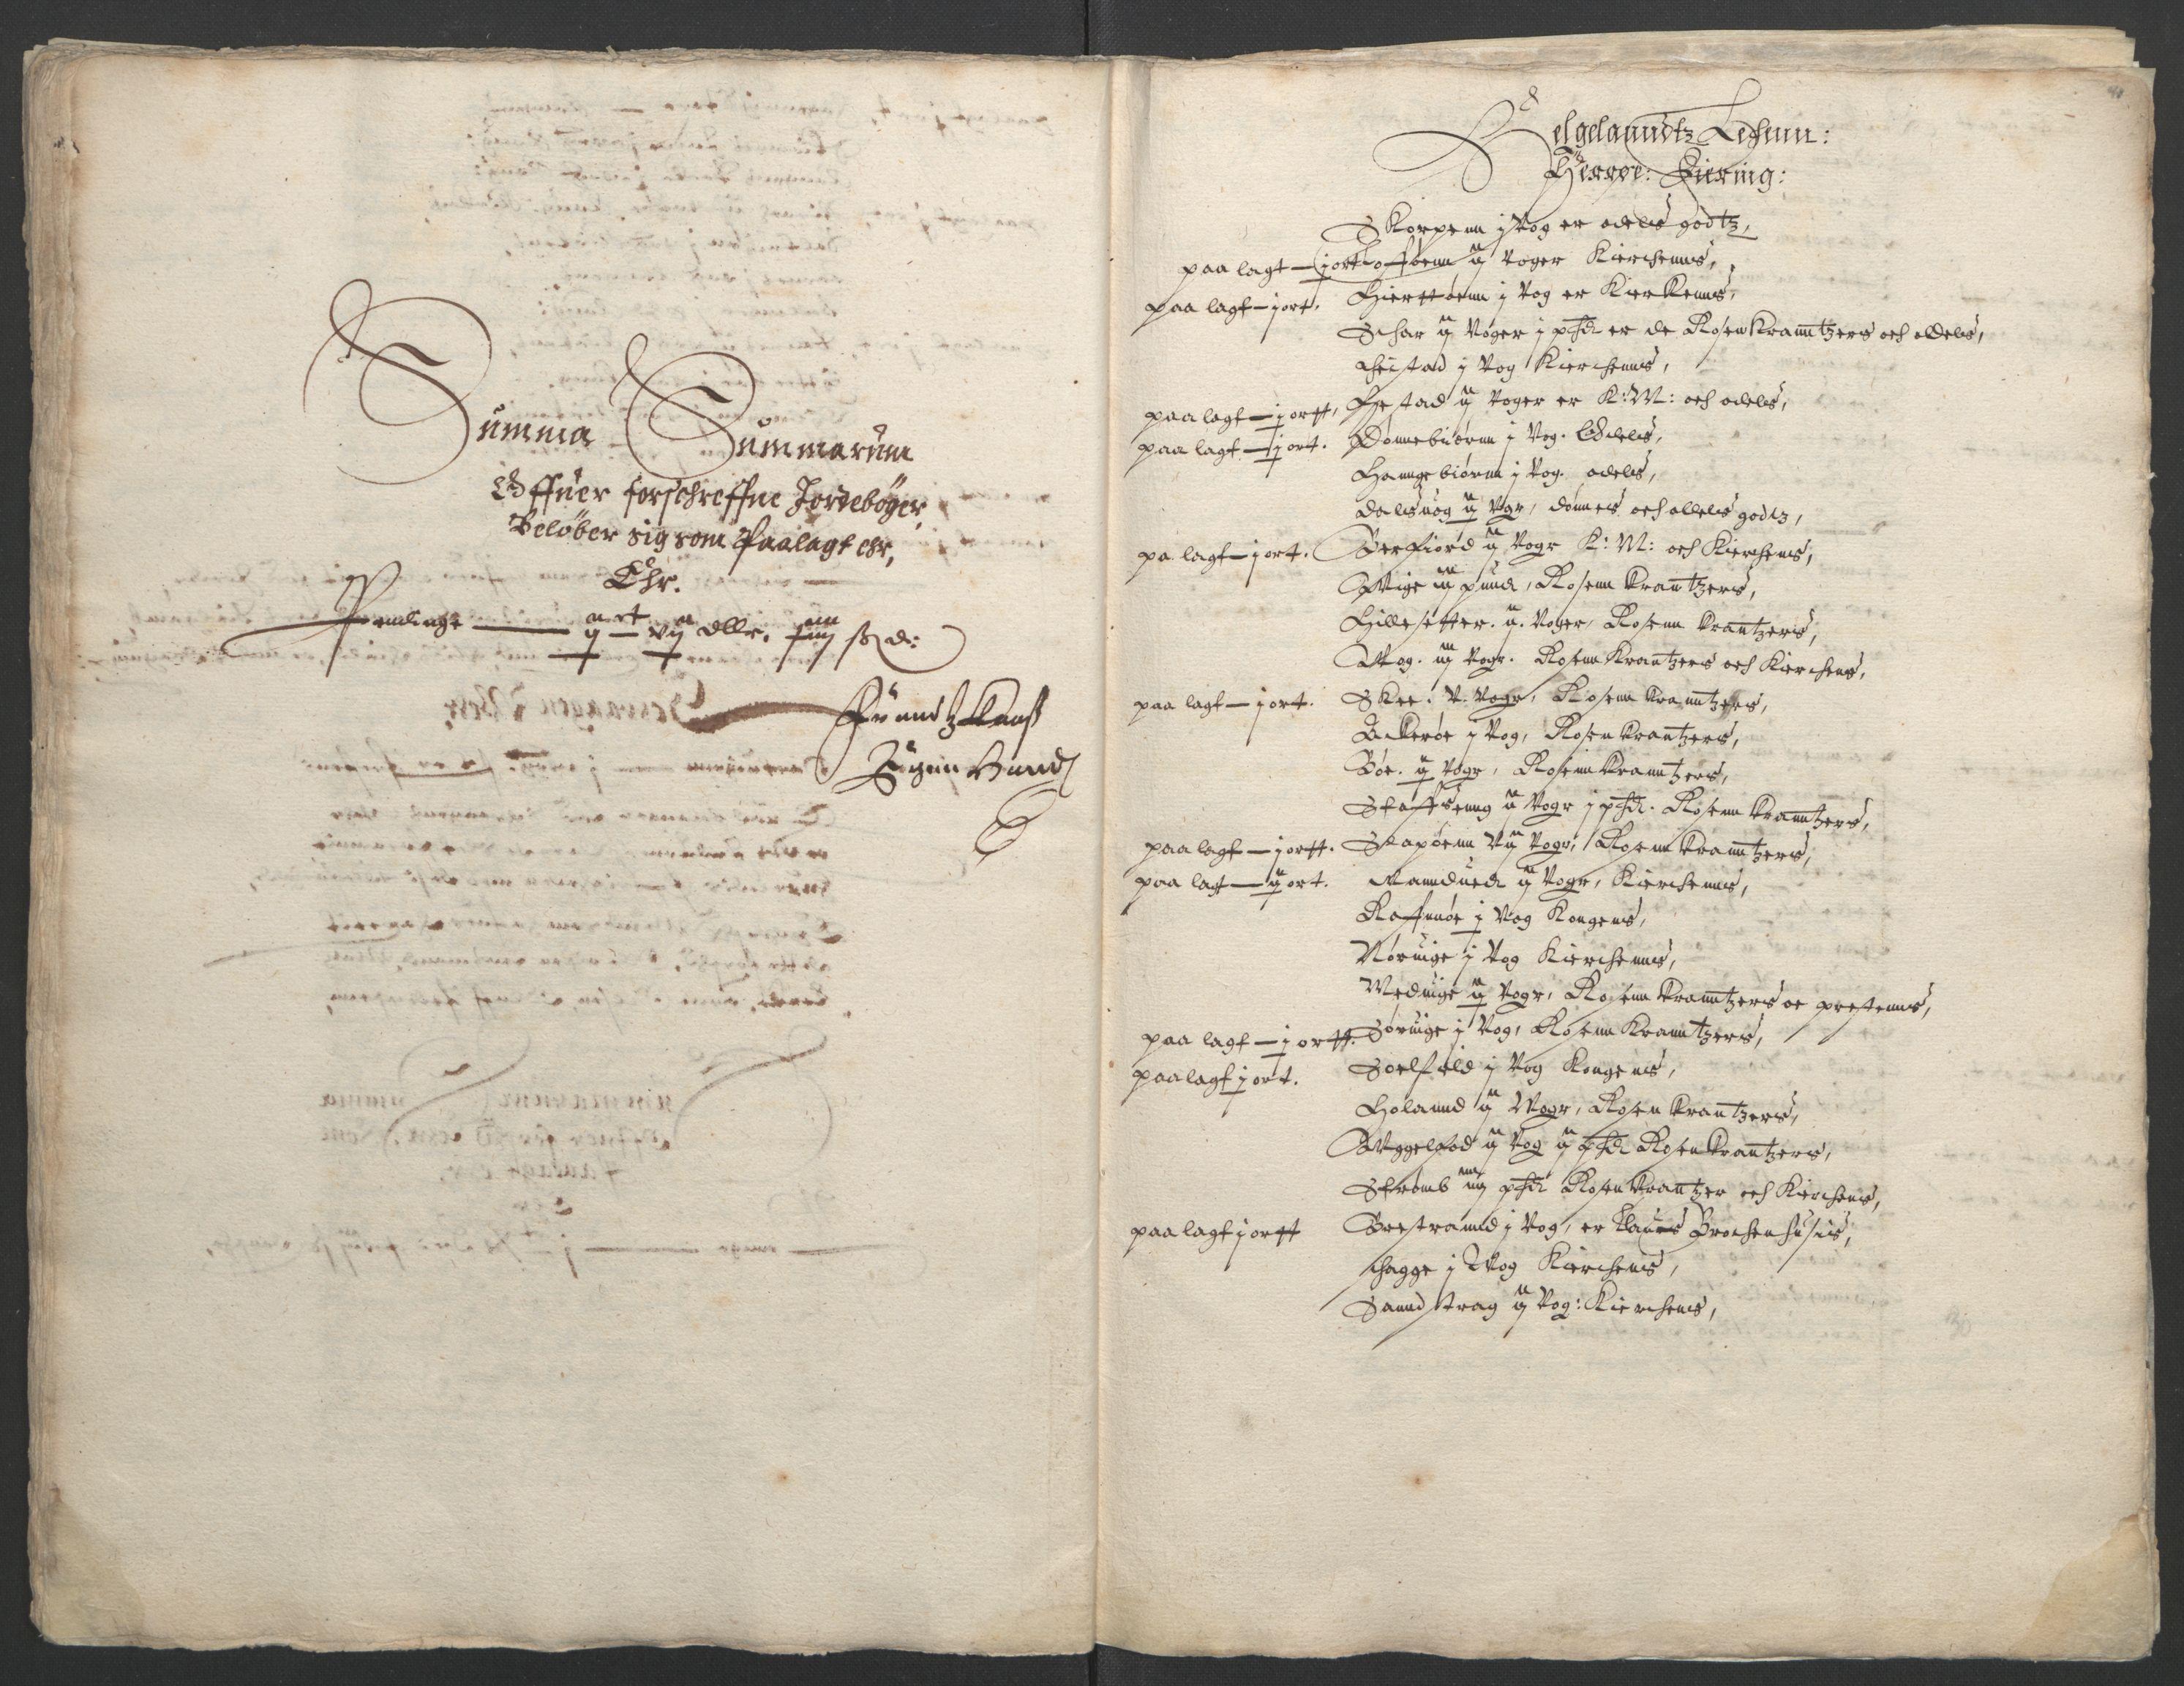 RA, Stattholderembetet 1572-1771, Ek/L0006: Jordebøker til utlikning av garnisonsskatt 1624-1626:, 1626, s. 43